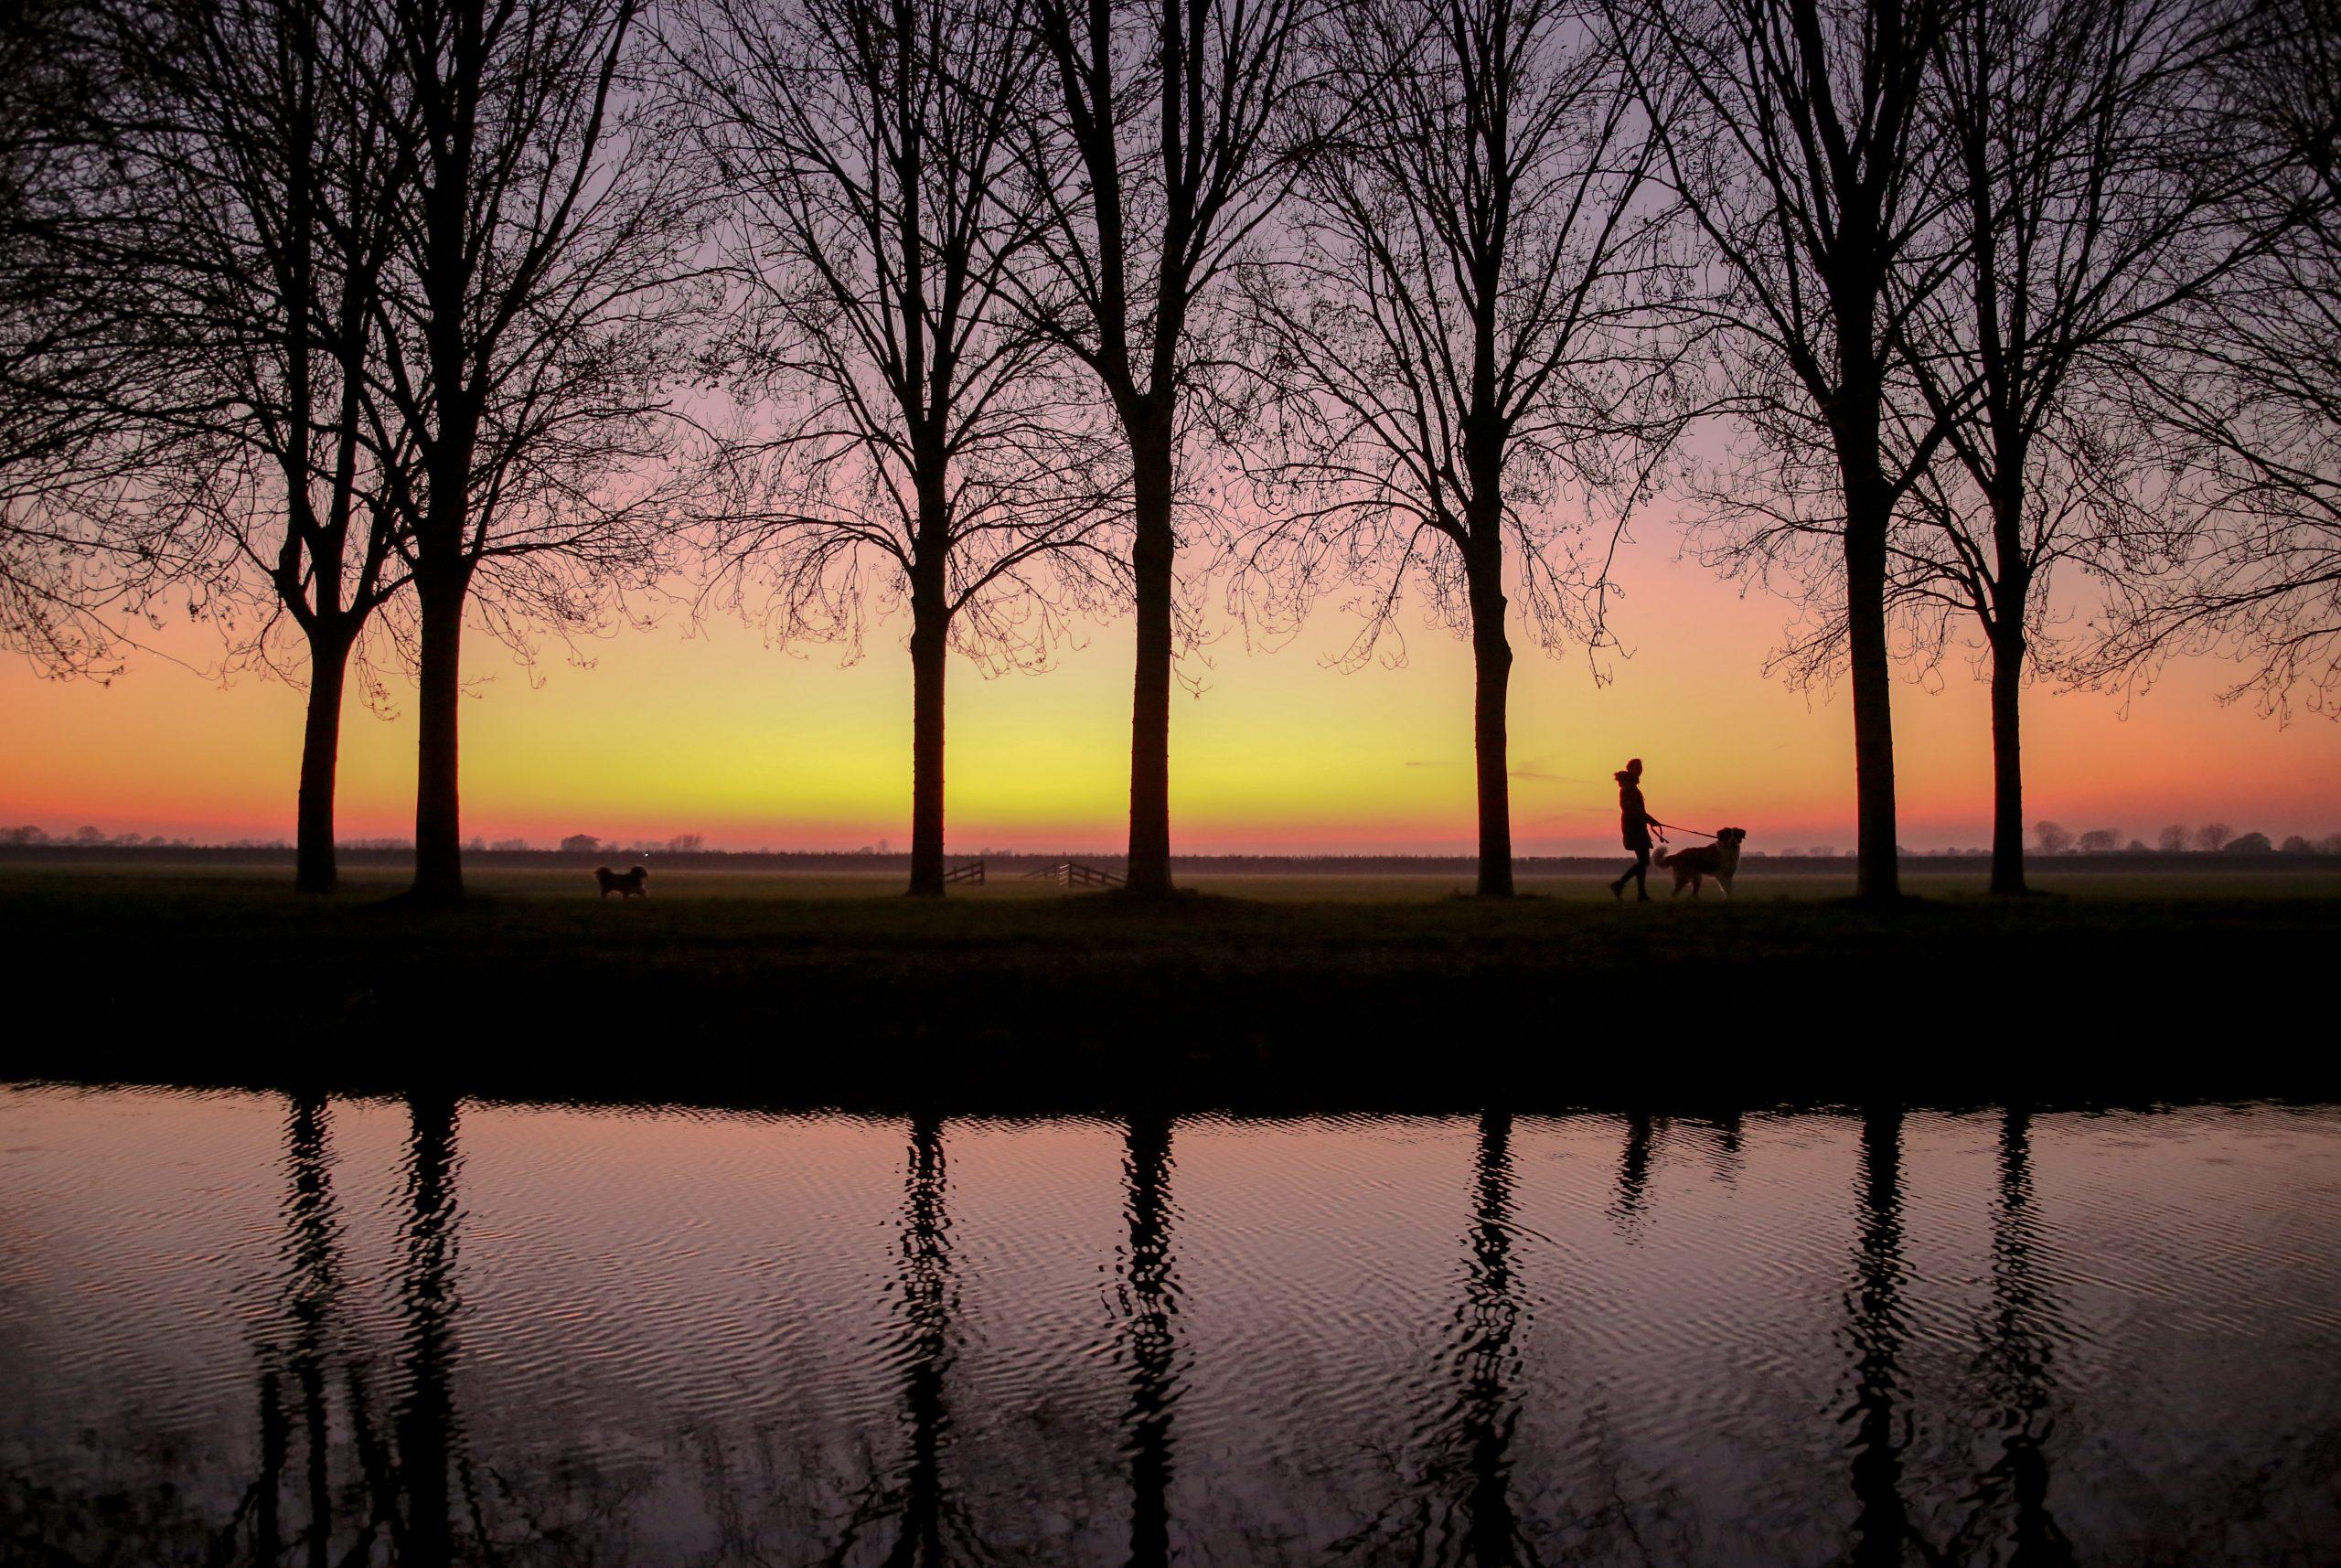 Nummer 10 Fotowedstrijd IJsselstein 2019 - Roberta Bunnik - Het leven van de zonnige zijkade bekijken